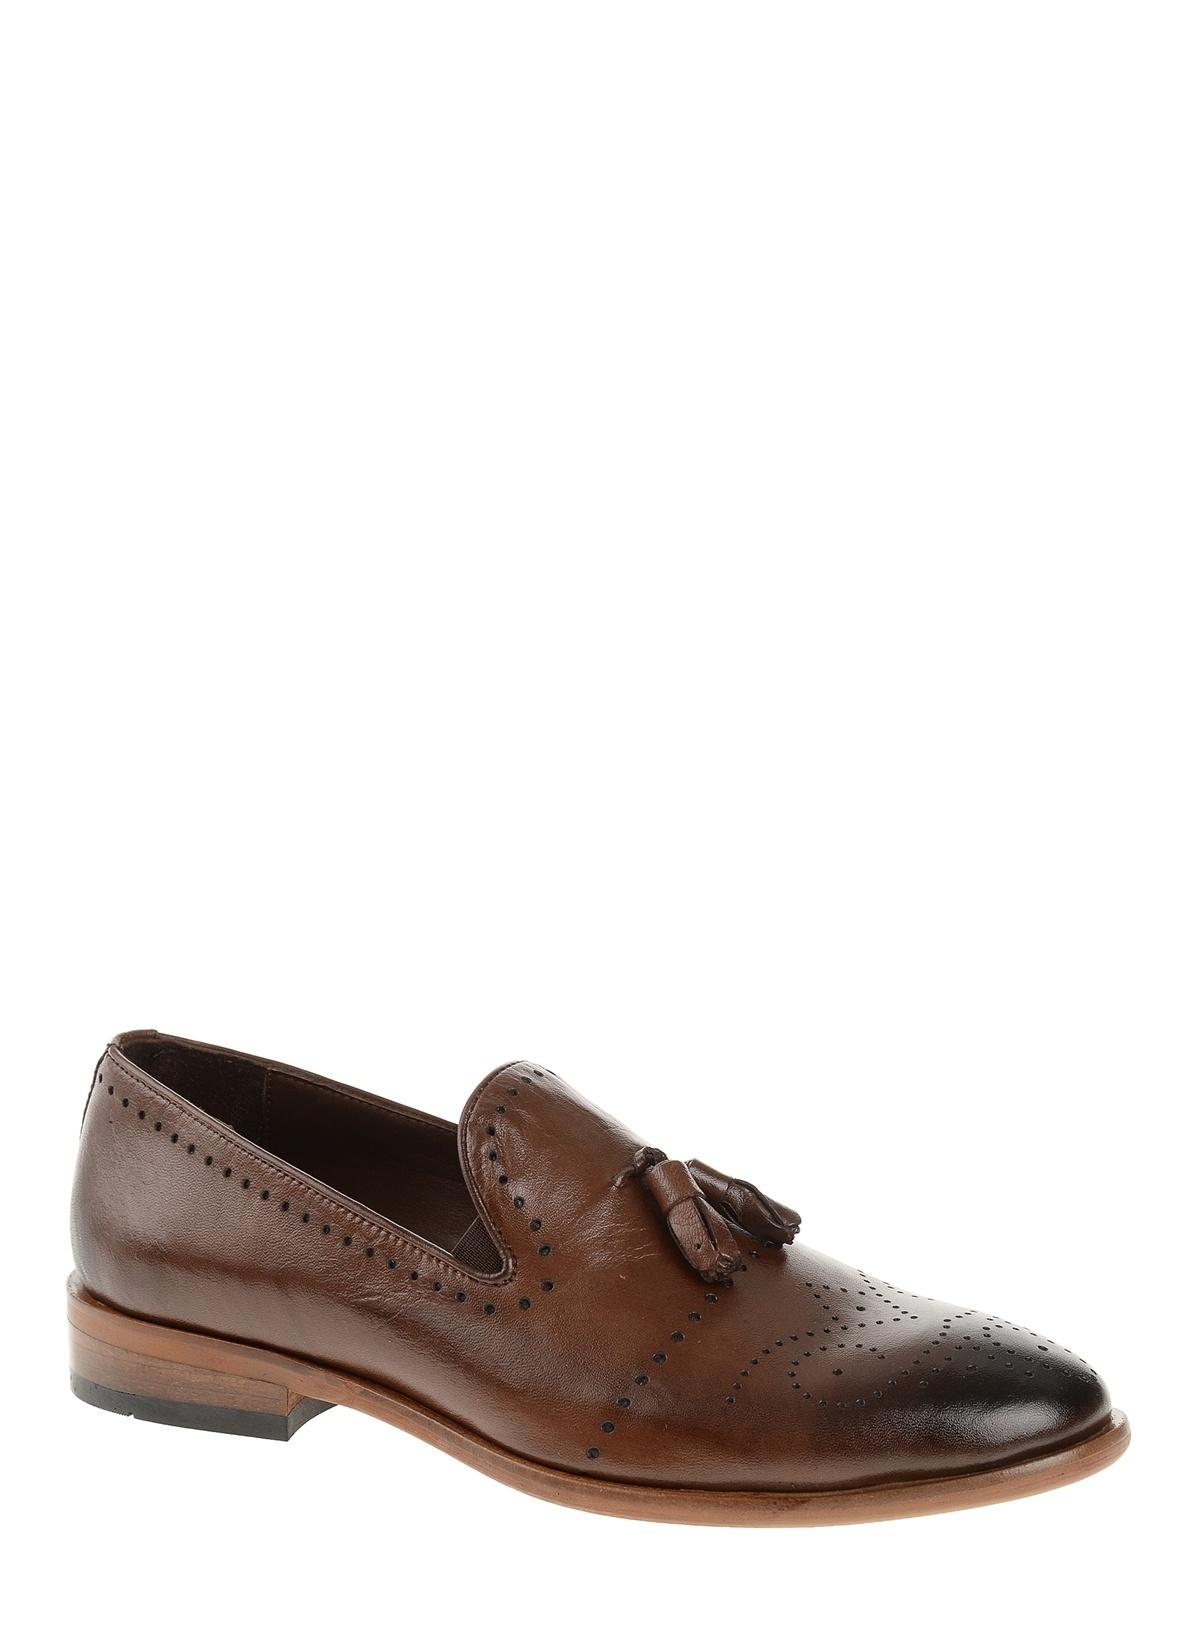 Derigo Loafer Ayakkabı 308001 Casual Ayakkabı – 209.9 TL